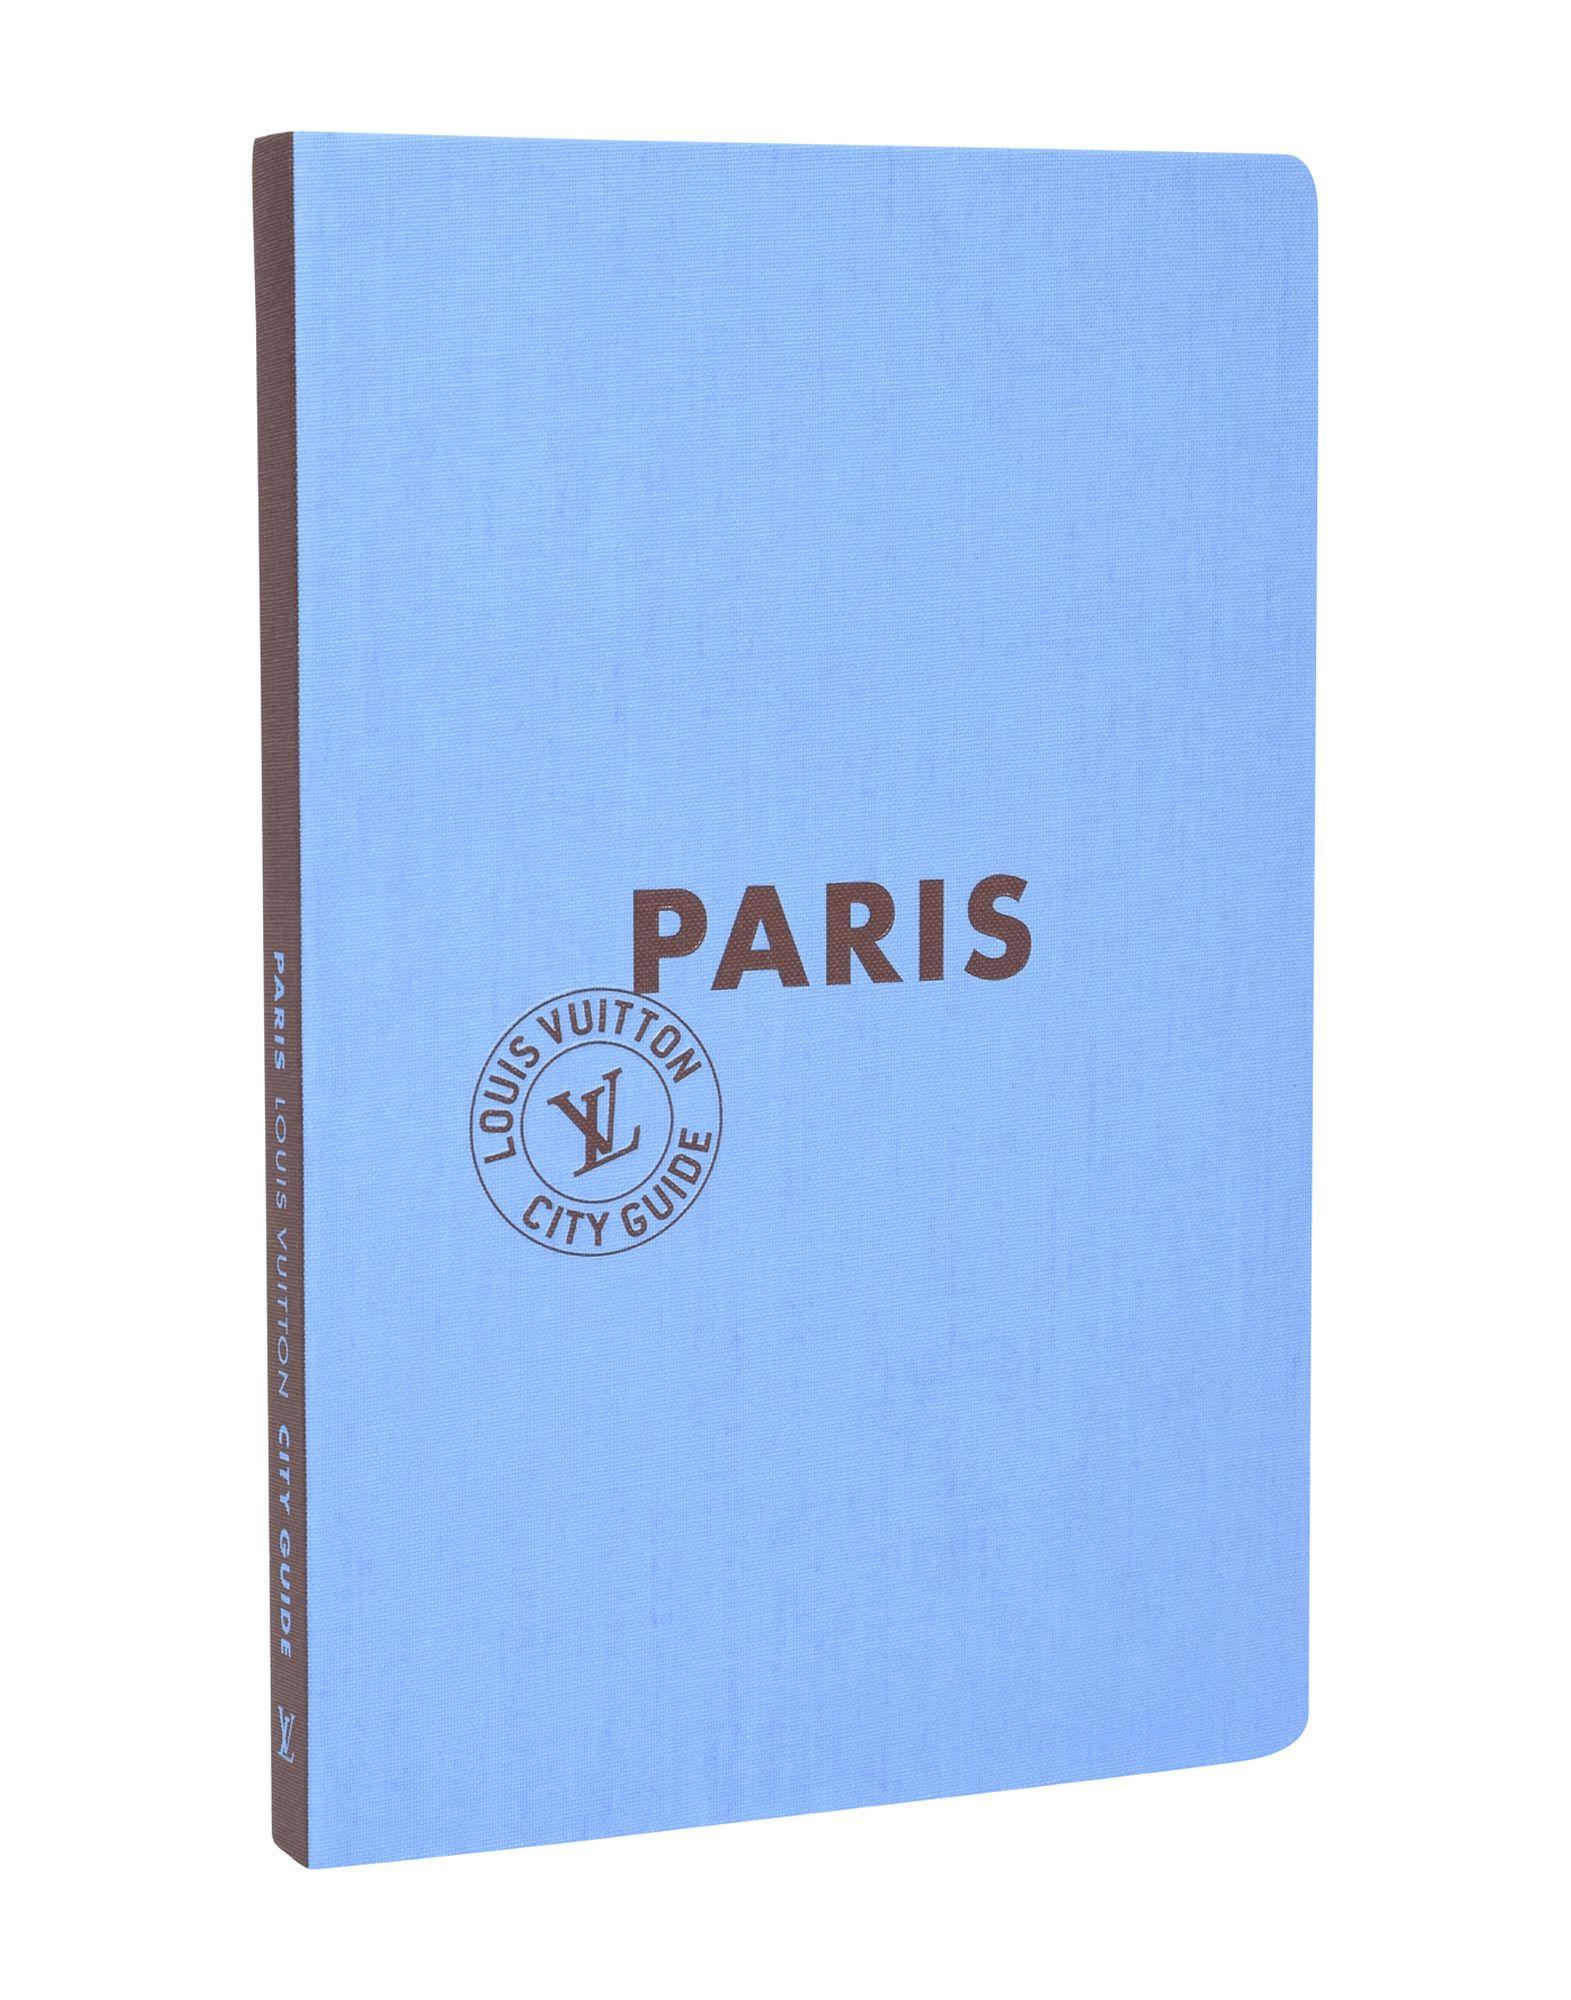 L'IPPOCAMPO Выставочный каталог